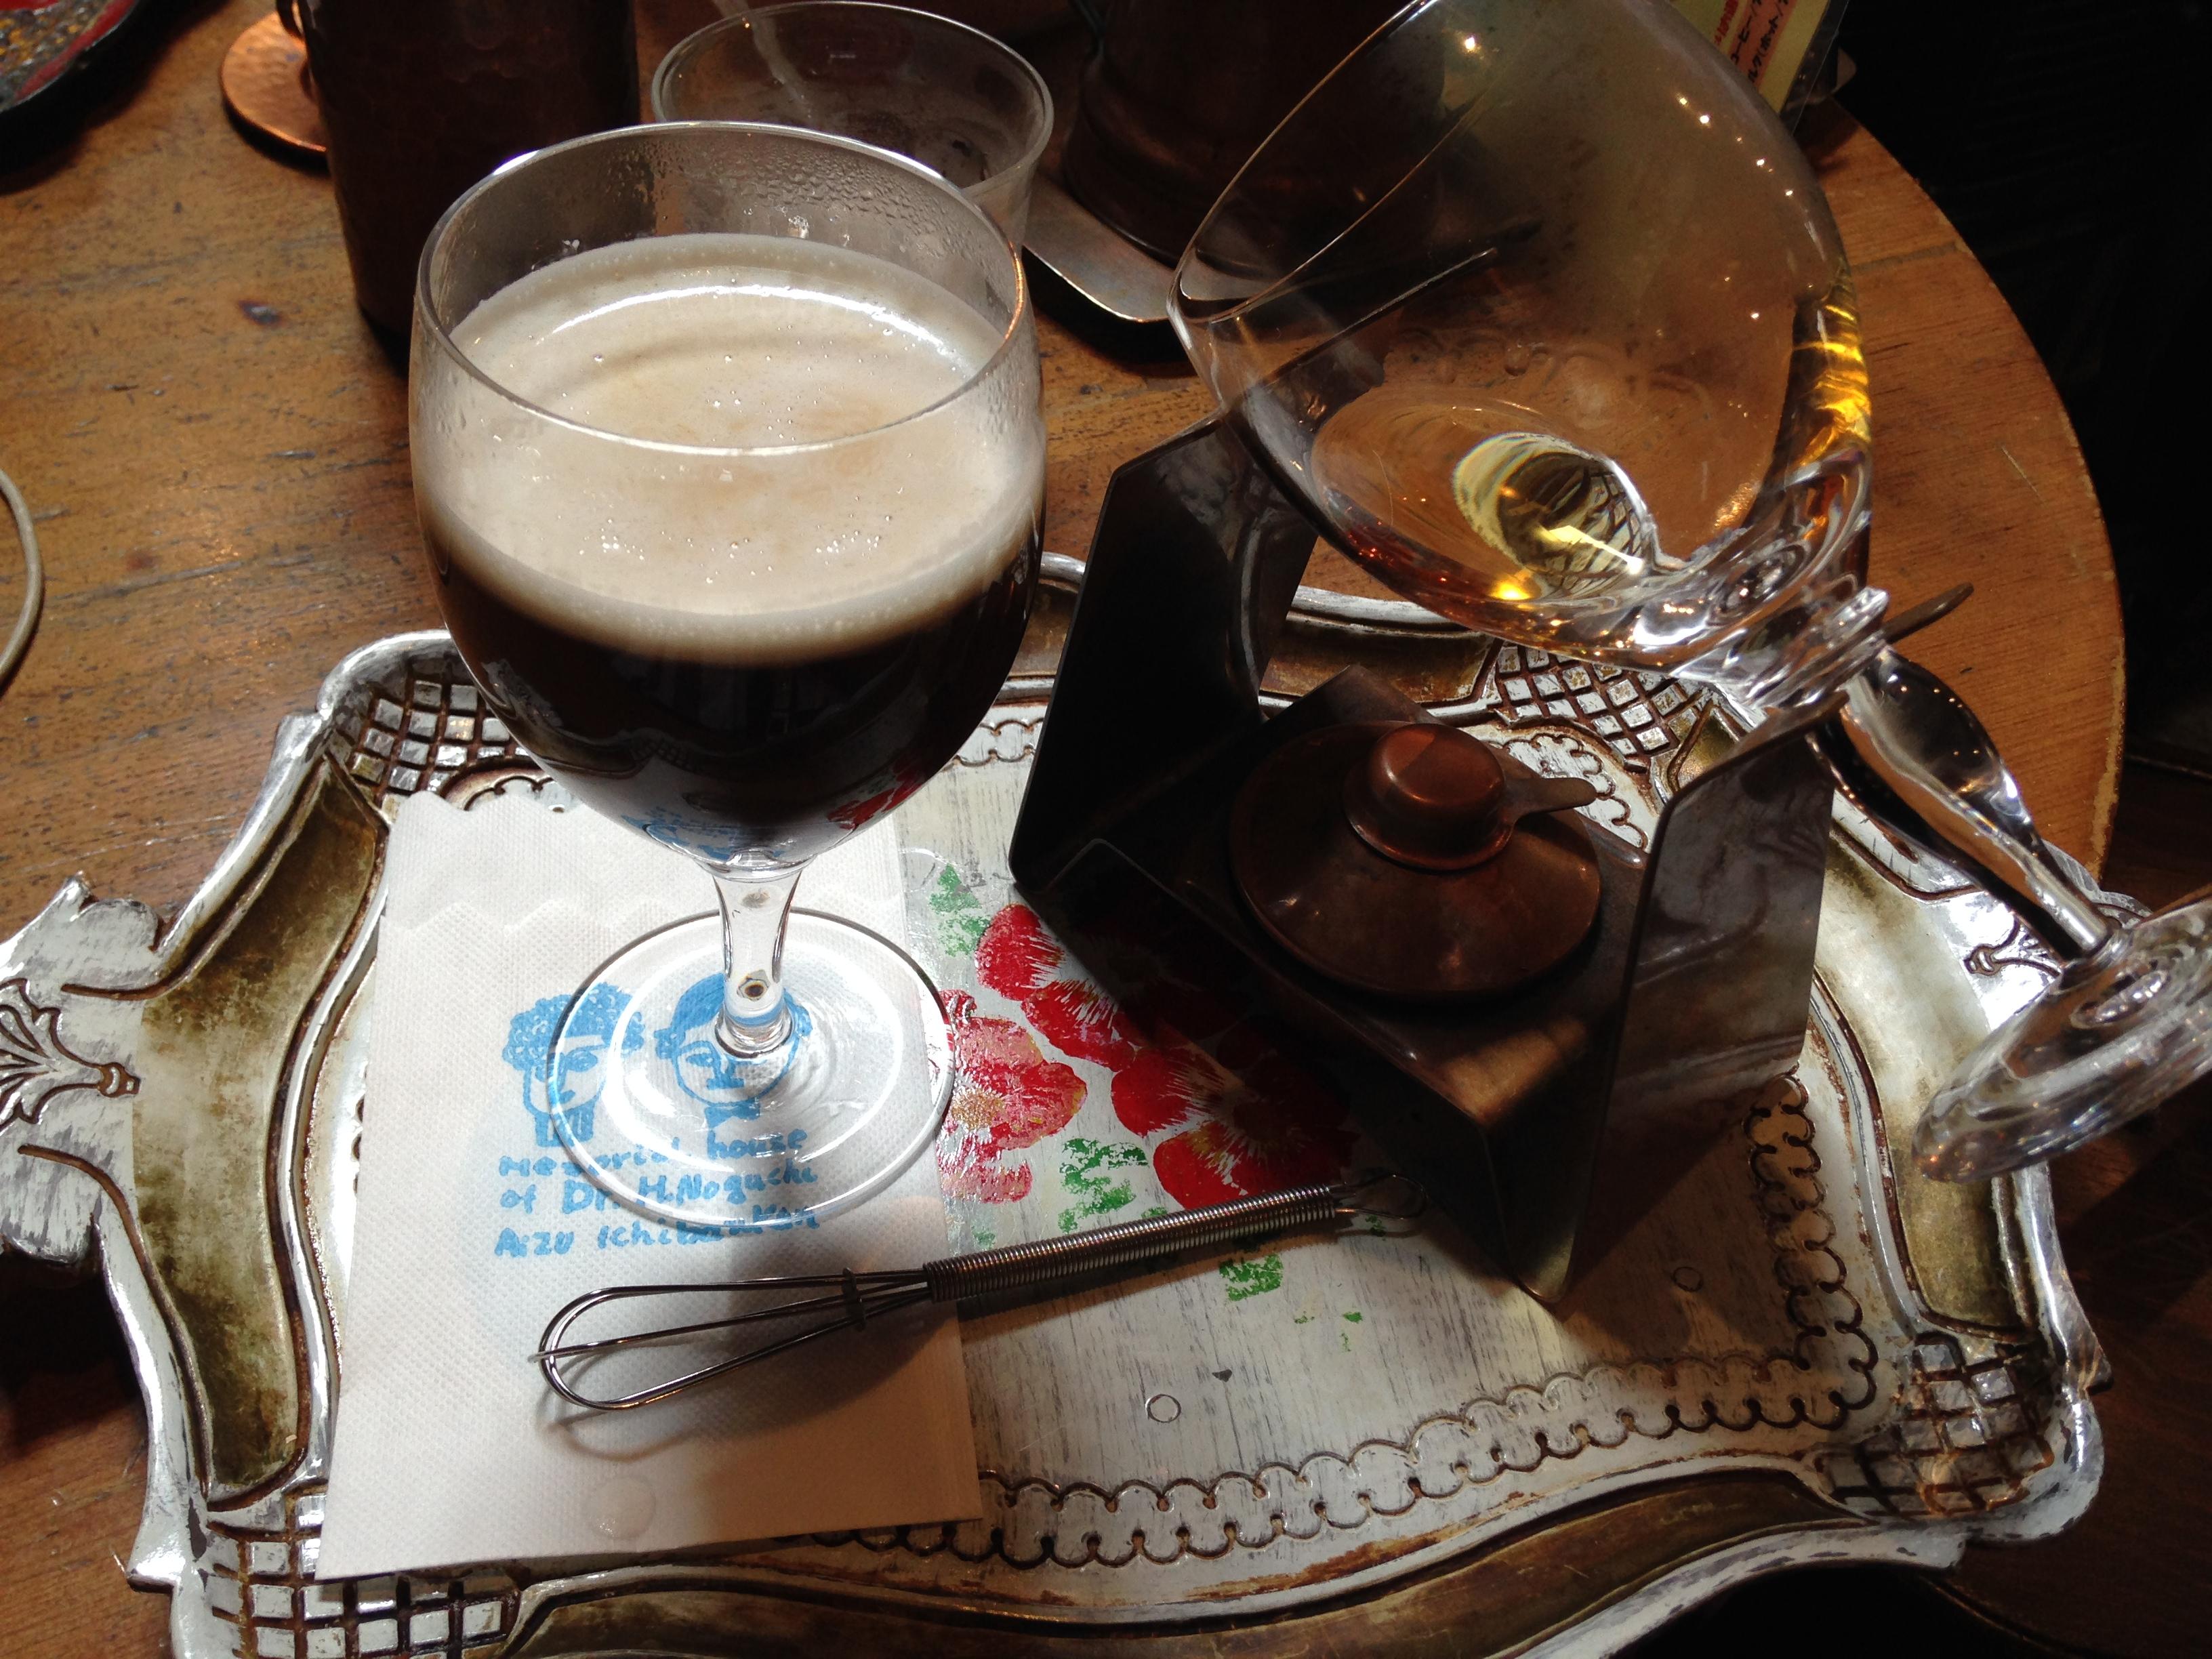 服务生端上的酒精咖啡,摆设得像一盘艺术品。